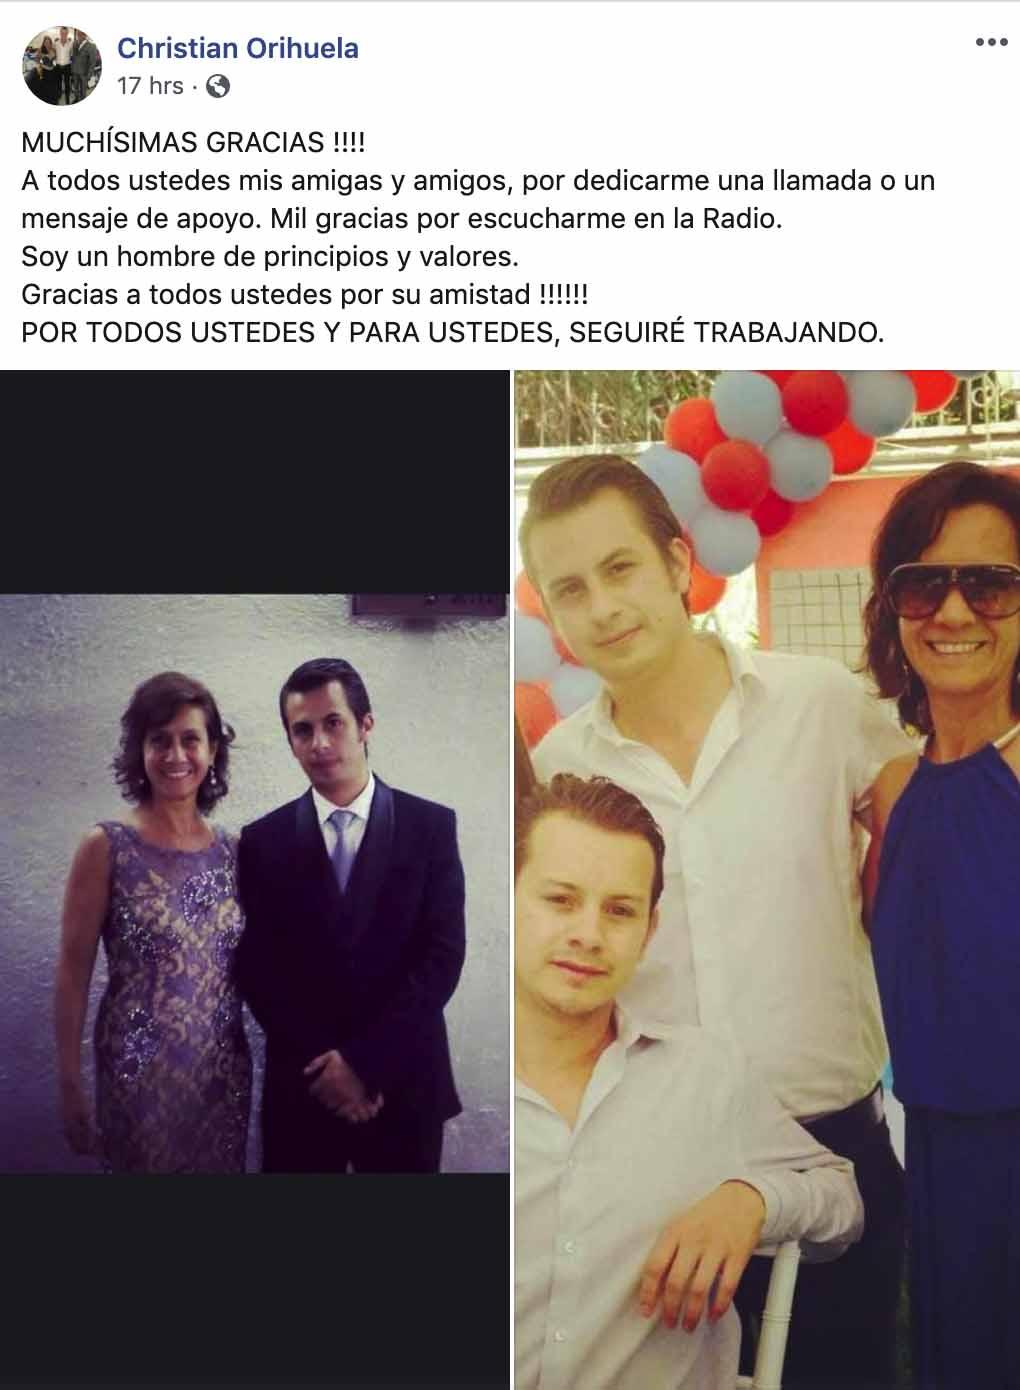 El mensaje de Christian Orihuela en Facebook